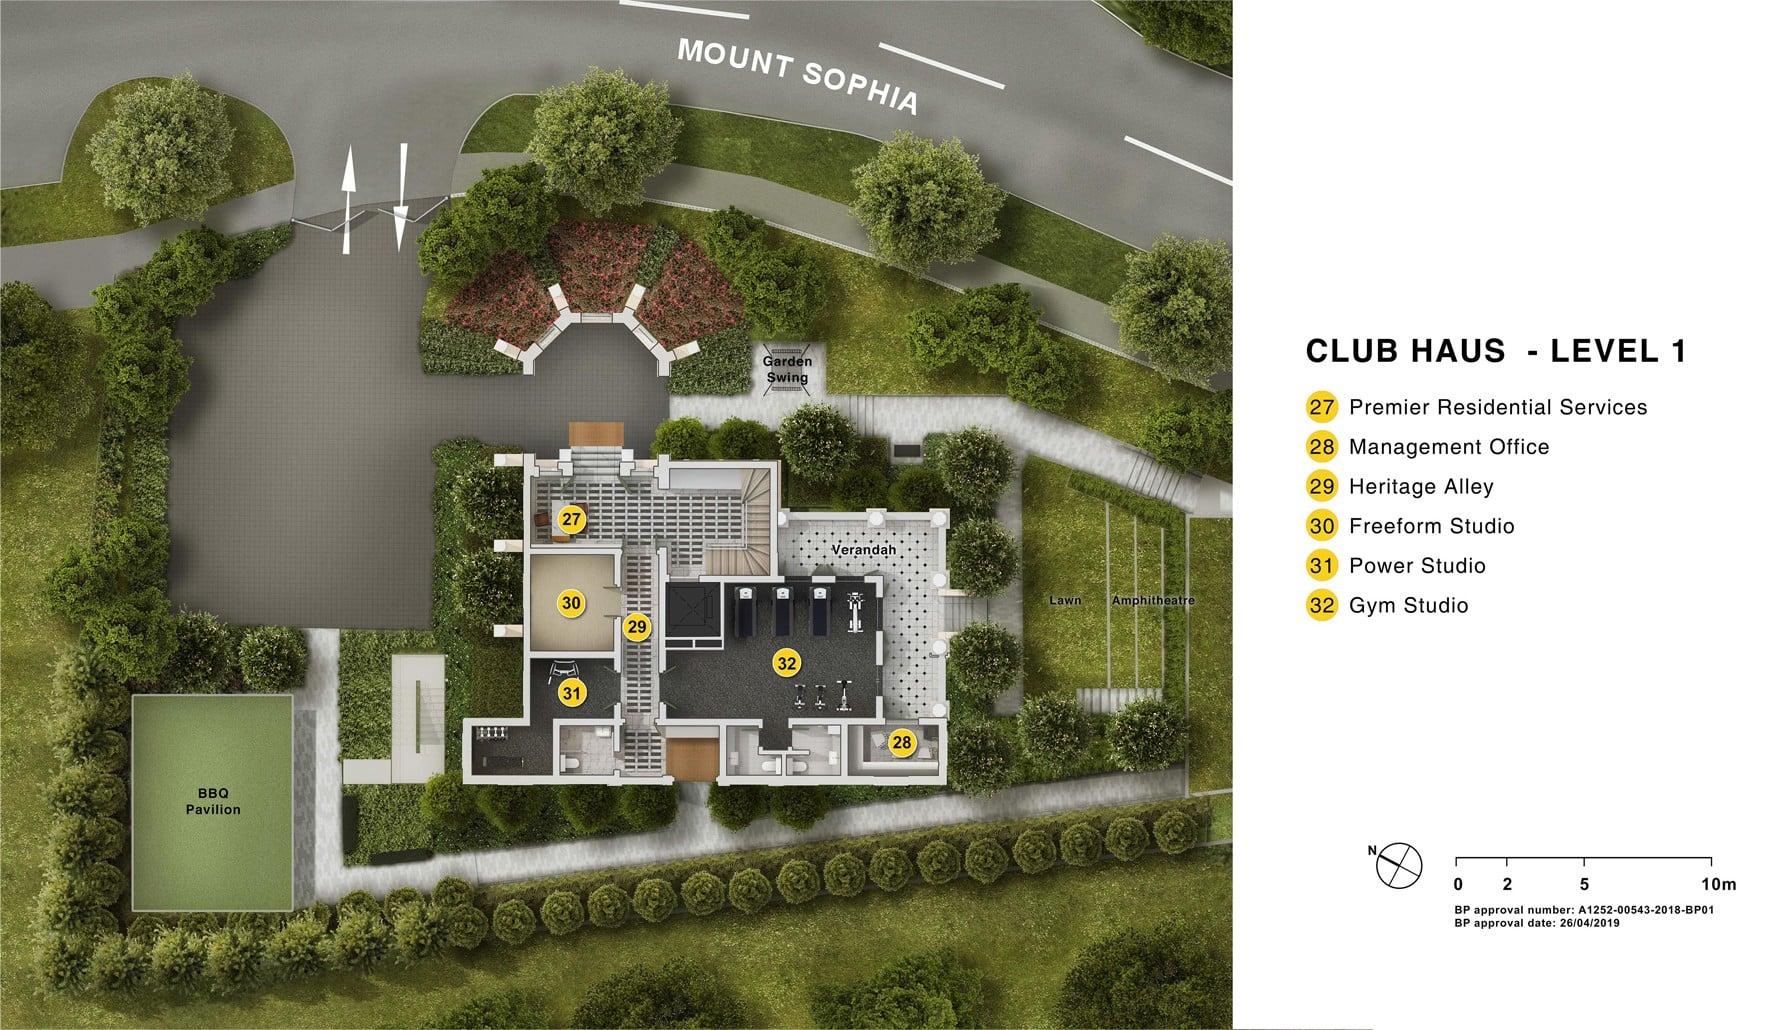 Club-Haus-Level-1